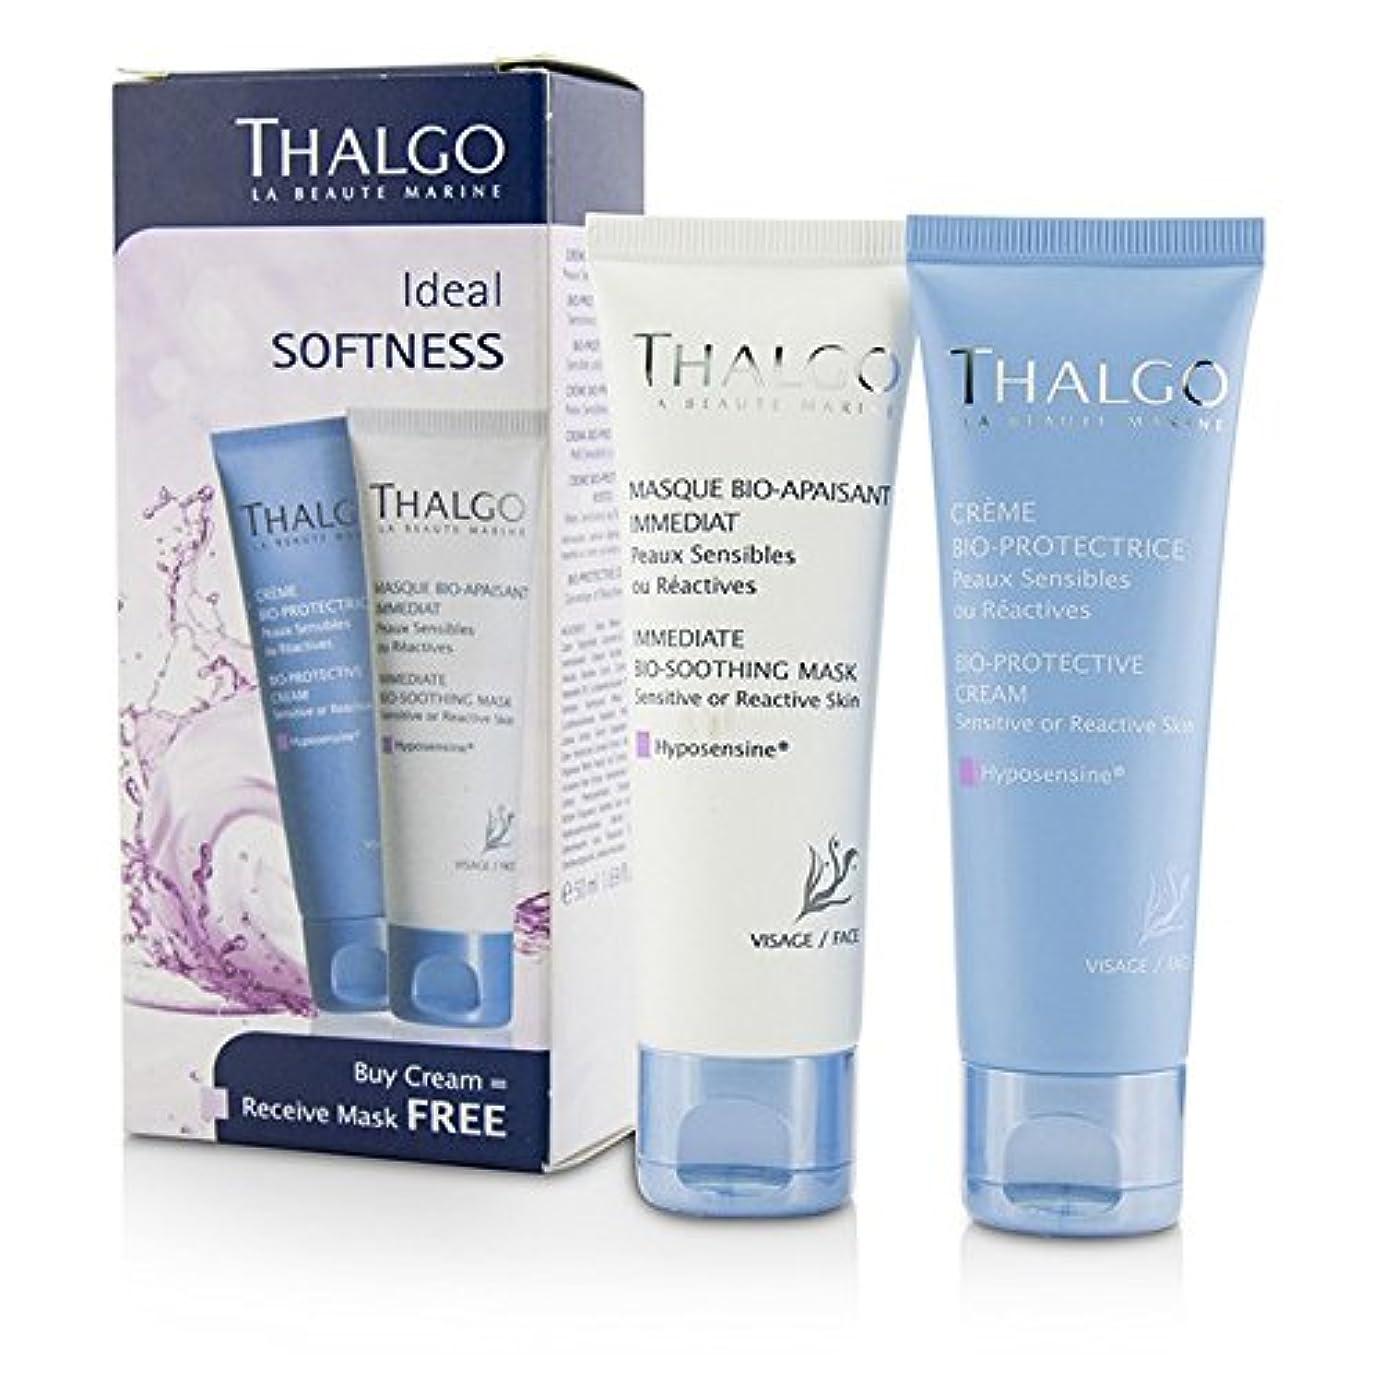 有限四分円アンテナタルゴ Ideal Softness Kit: Bio-Protective Cream 50ml + Immediate Bio-Soothing Mask 50ml 2pcs並行輸入品